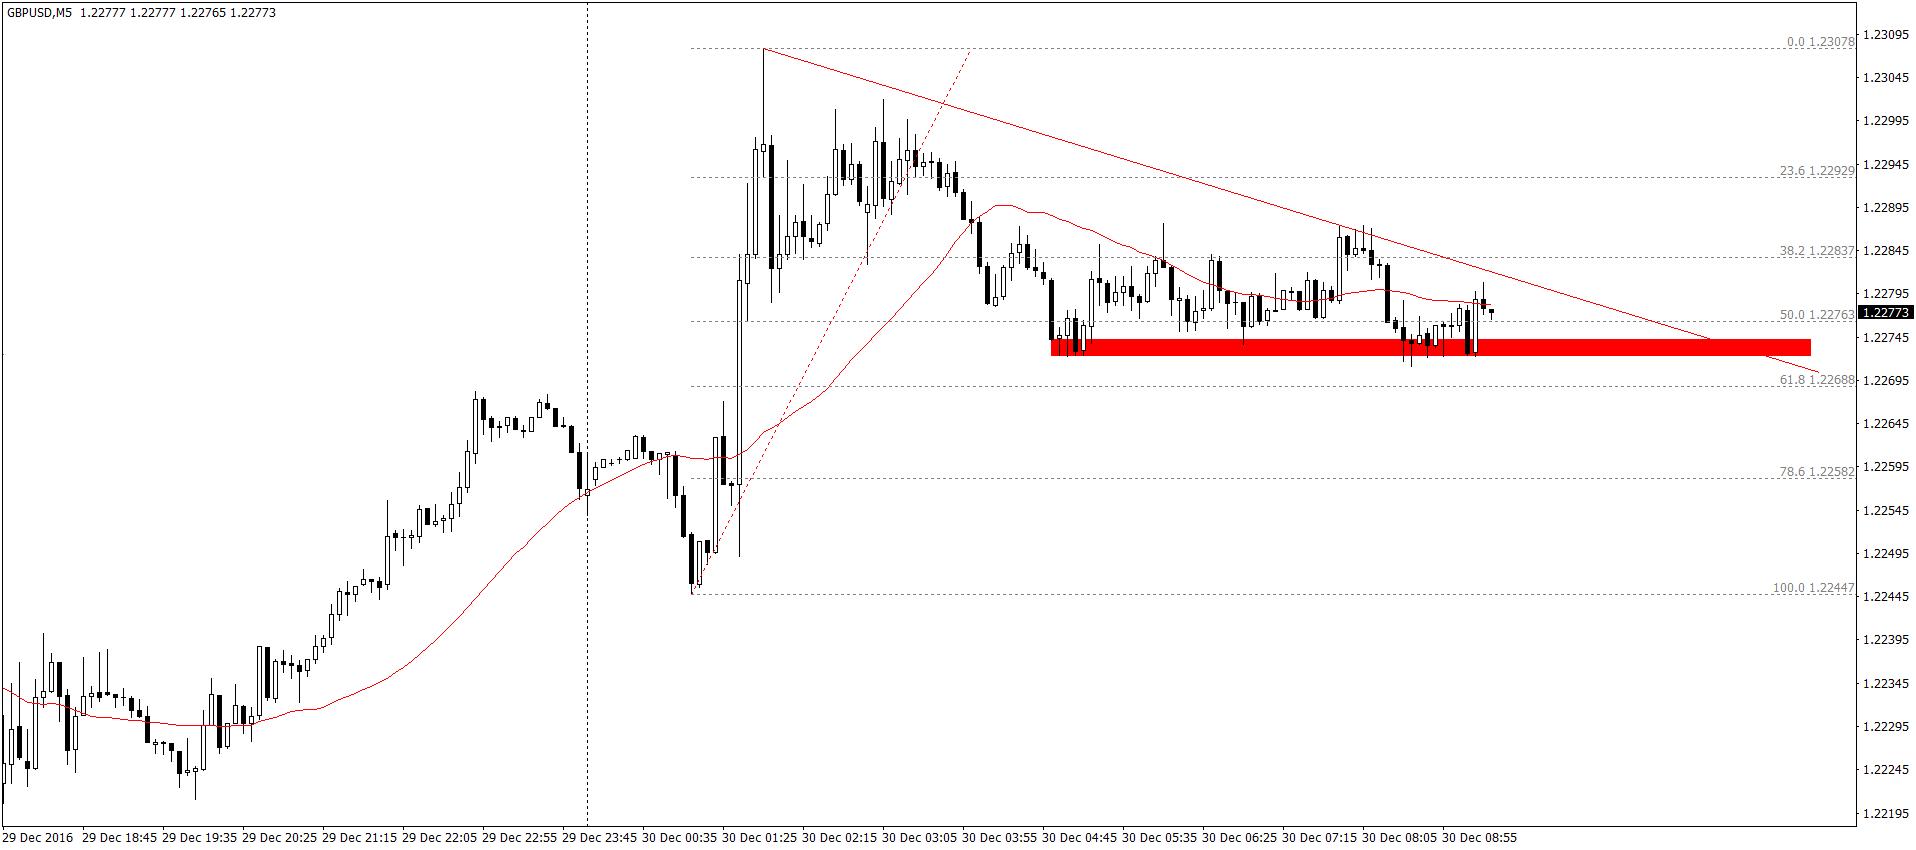 GBP/USD M5 – Kabel zyskiwał w nocy ponad 60 pipsów, teraz jednak podobnie jak EUR/USD oraz USD/CHF sytuacja jest zdecydowanie spokojniejsza.